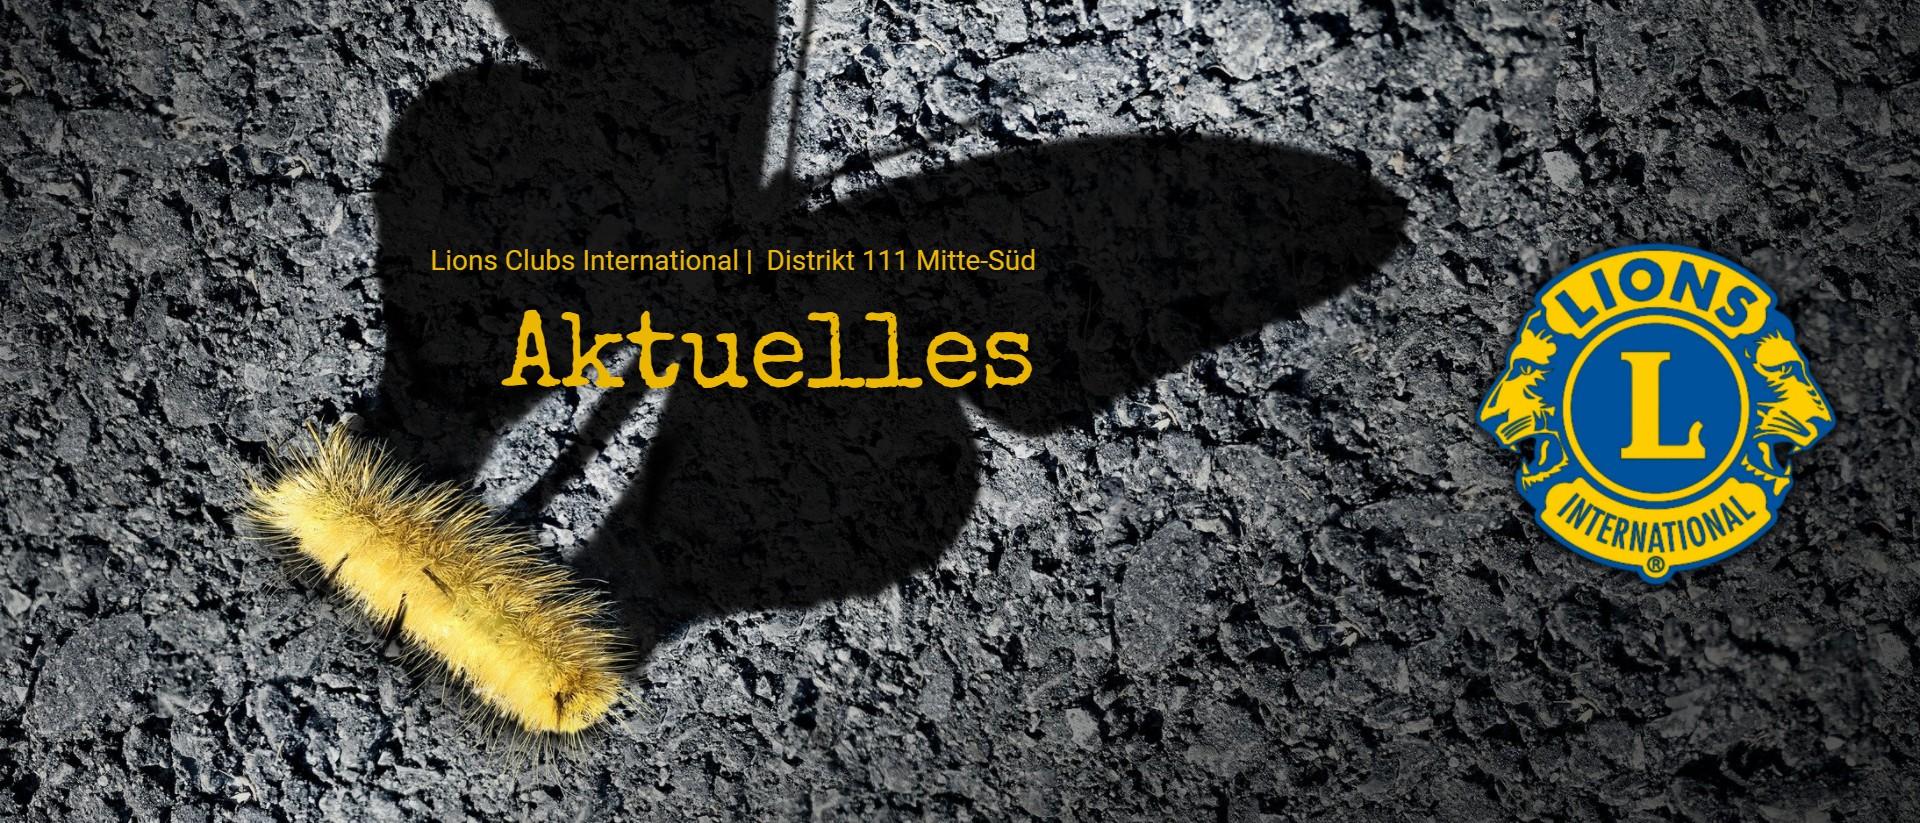 Schmetterlingslarve wirft einen Schmetterlingsschatten, Titel Aktuelles, Lions Logo